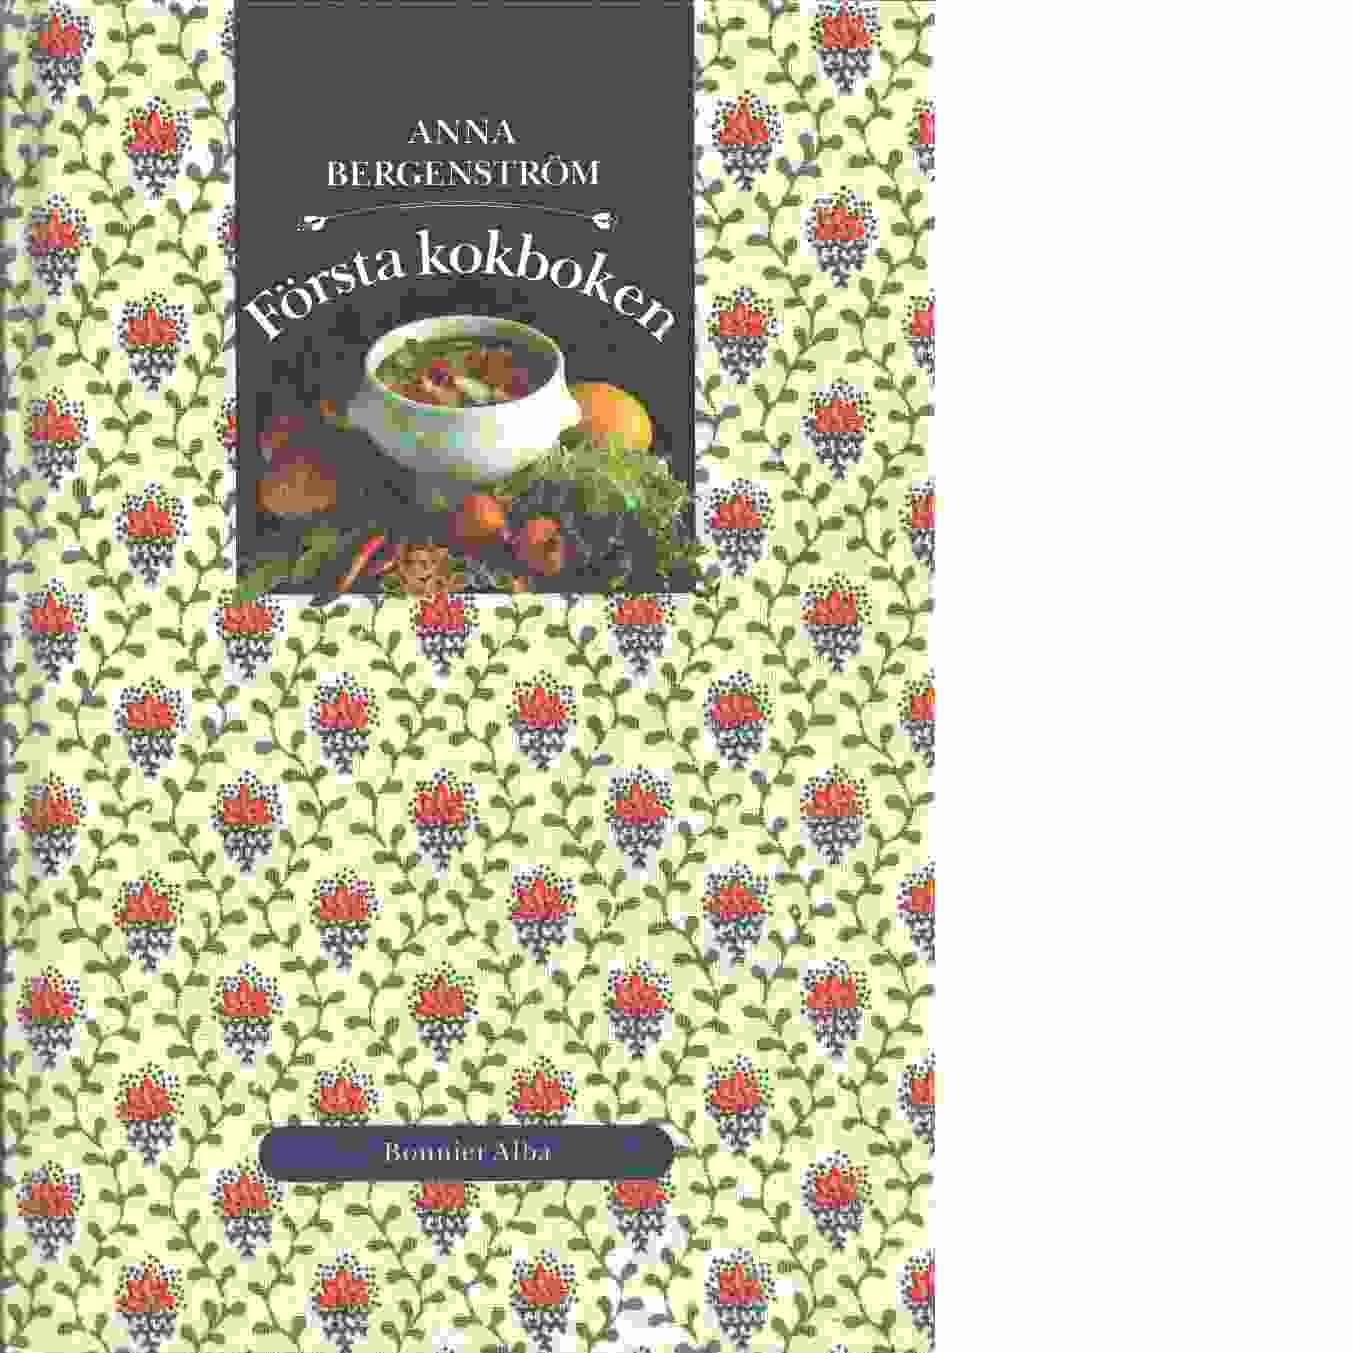 Första kokboken - Bergenström, Anna